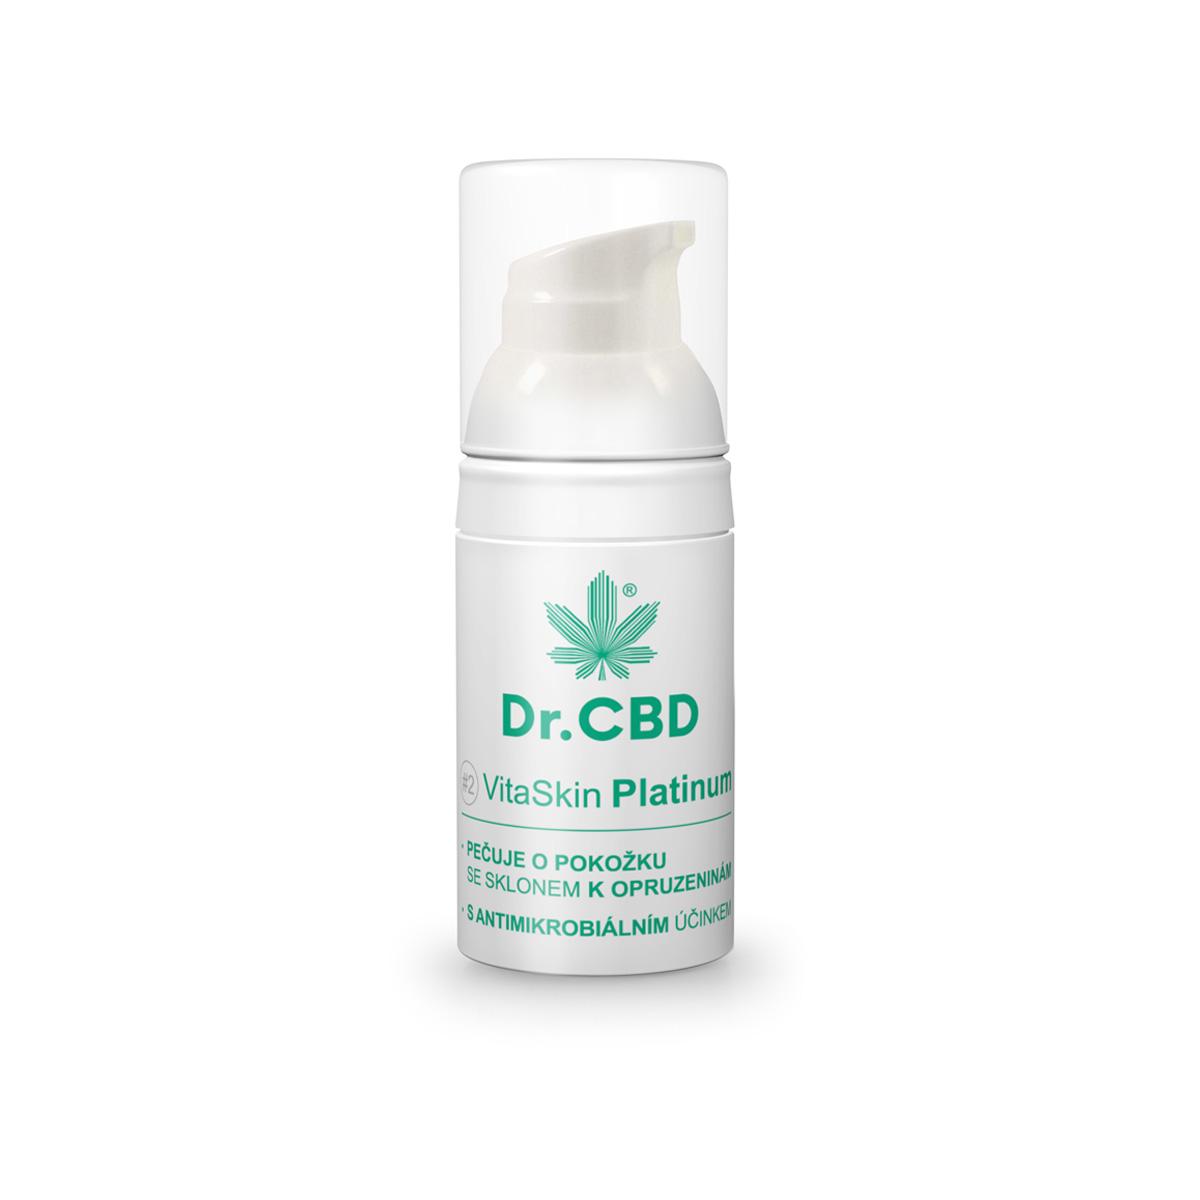 Dr. CBD VitaSkin Platinum 30 ml